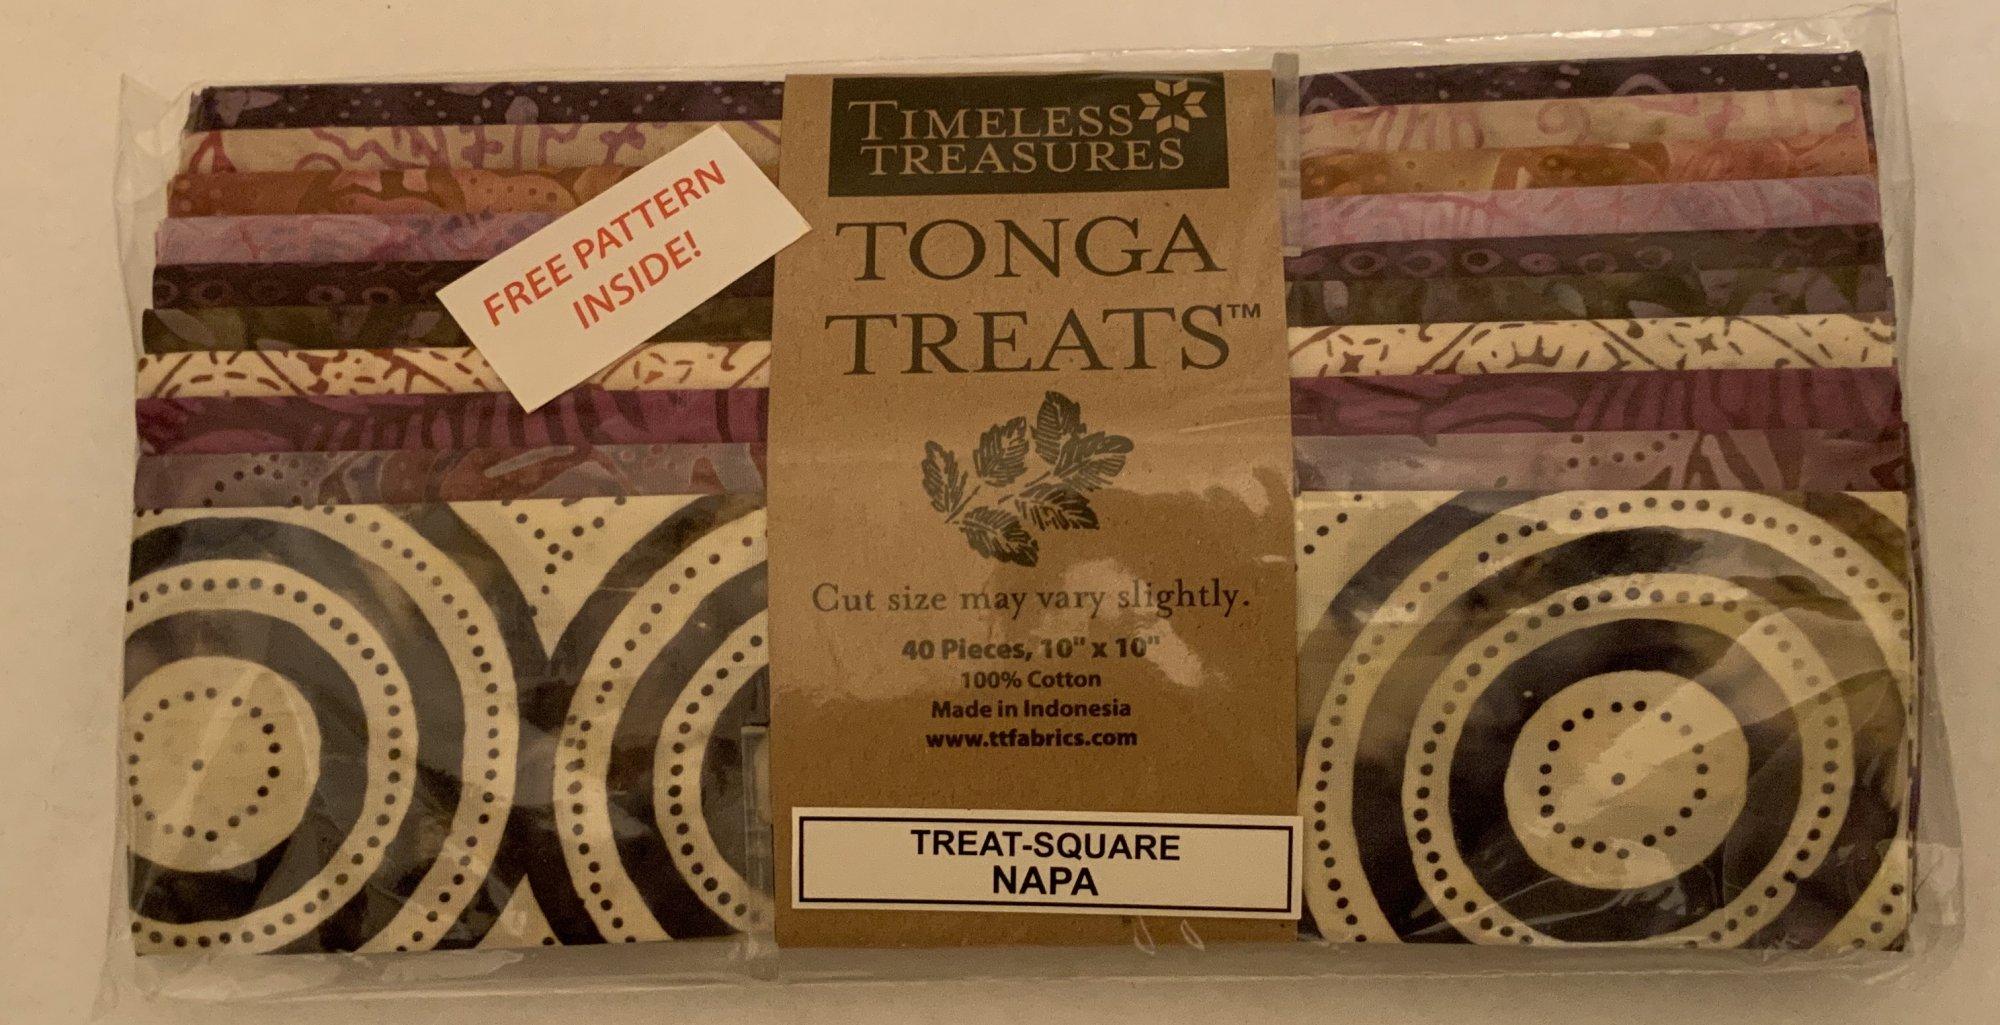 Tonga Treat Square Batik Napa, (40 pcs 10x10) - Timeless Treasures